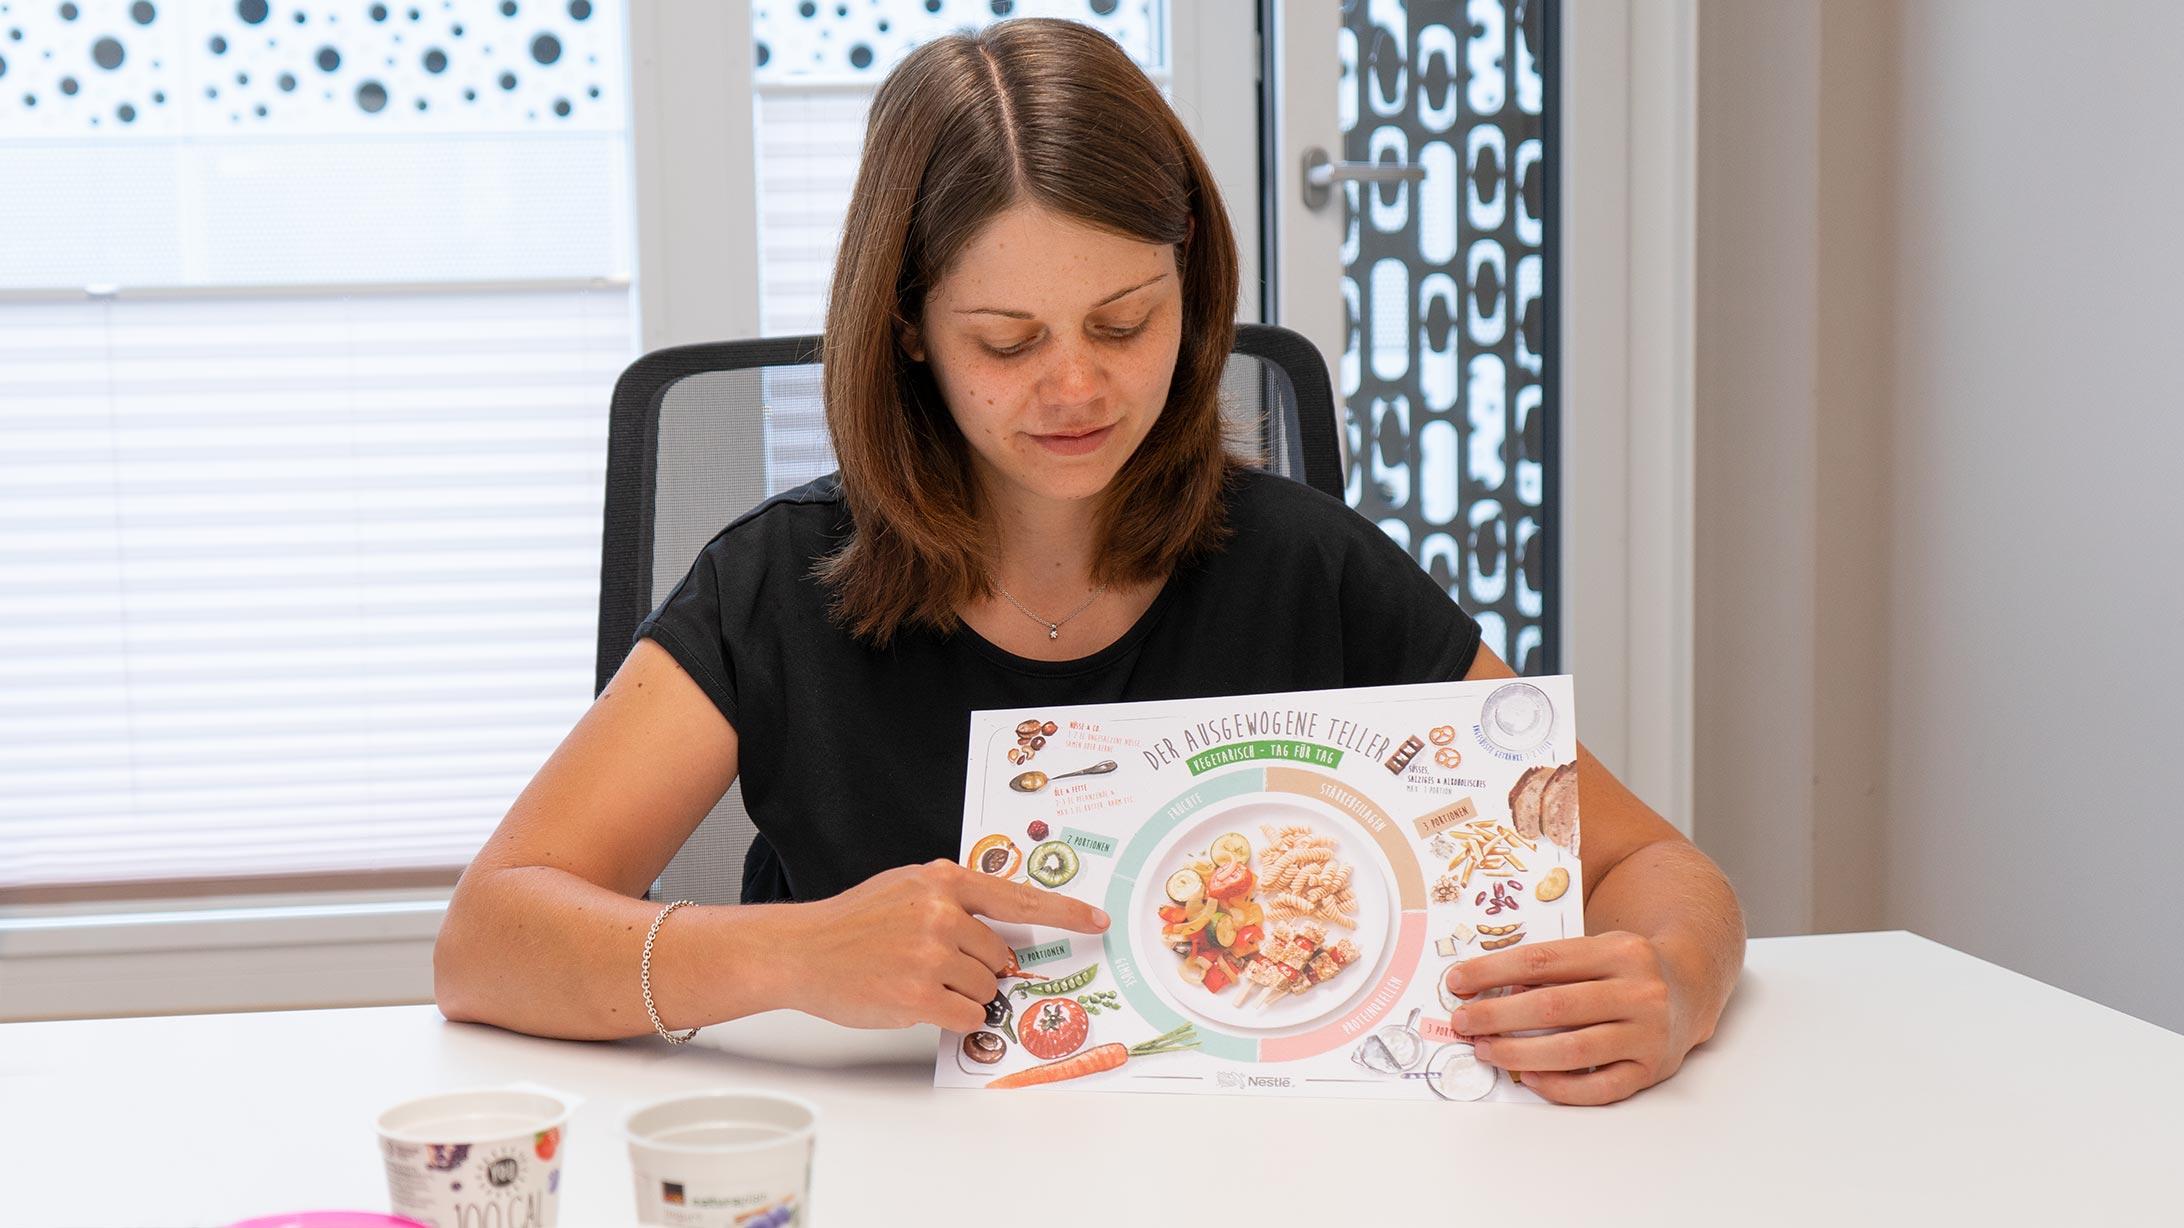 Ernährungsberaterin Nadja Greub mit Lebensmitteln und einem Schaubild zur gesunden Ernährung